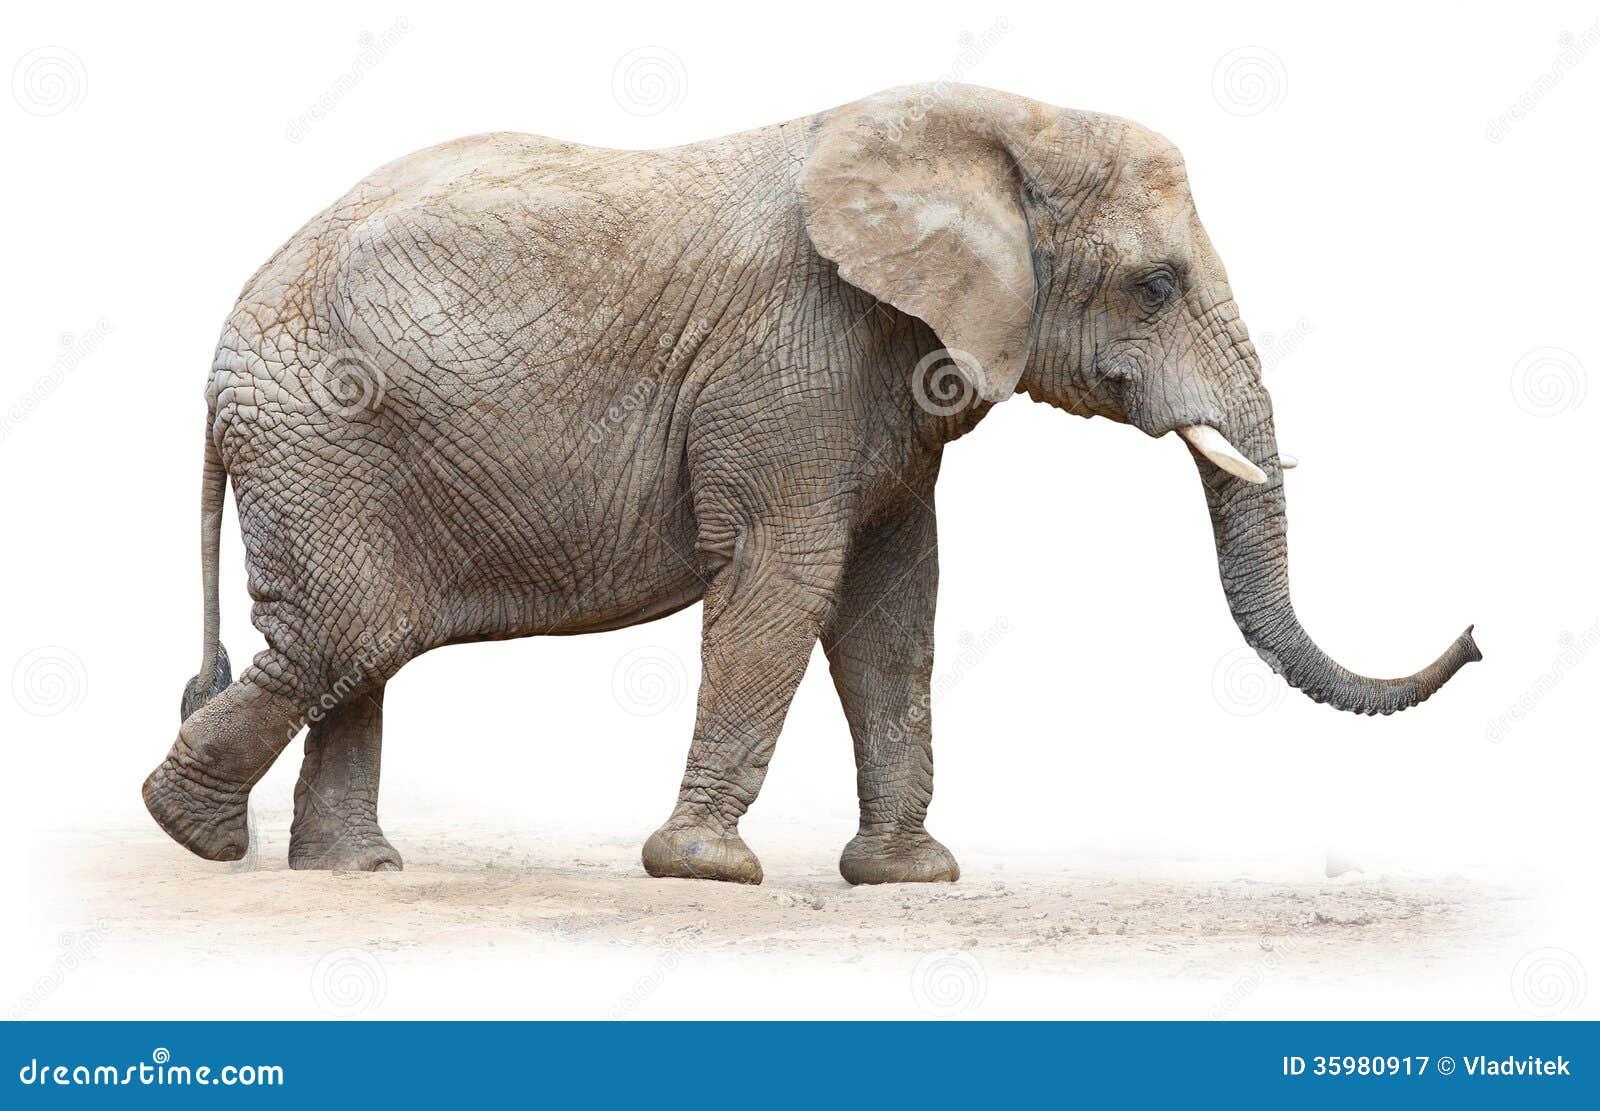 Fein Afrikanische Elefanten Malvorlagen Fotos ...